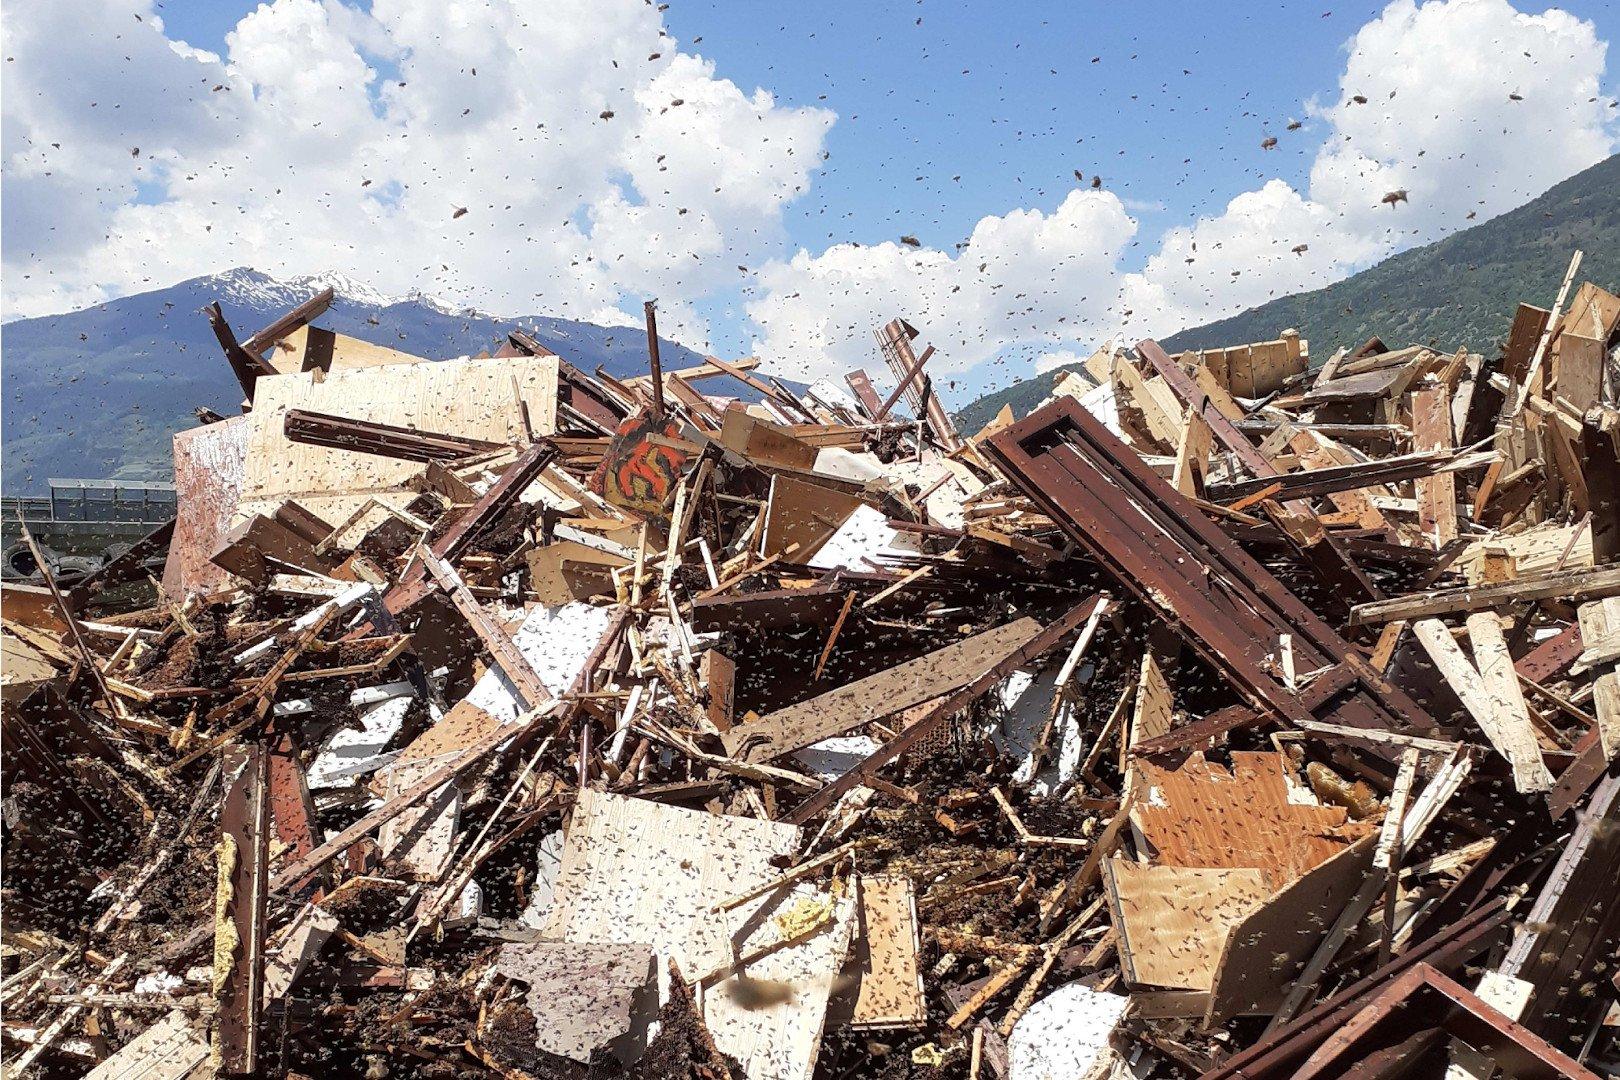 Invasione di api alla discarica, dopo che un'arnia è stata buttata via in mezzo al legname. Preoccupazione per il rischio di contagio della peste americana